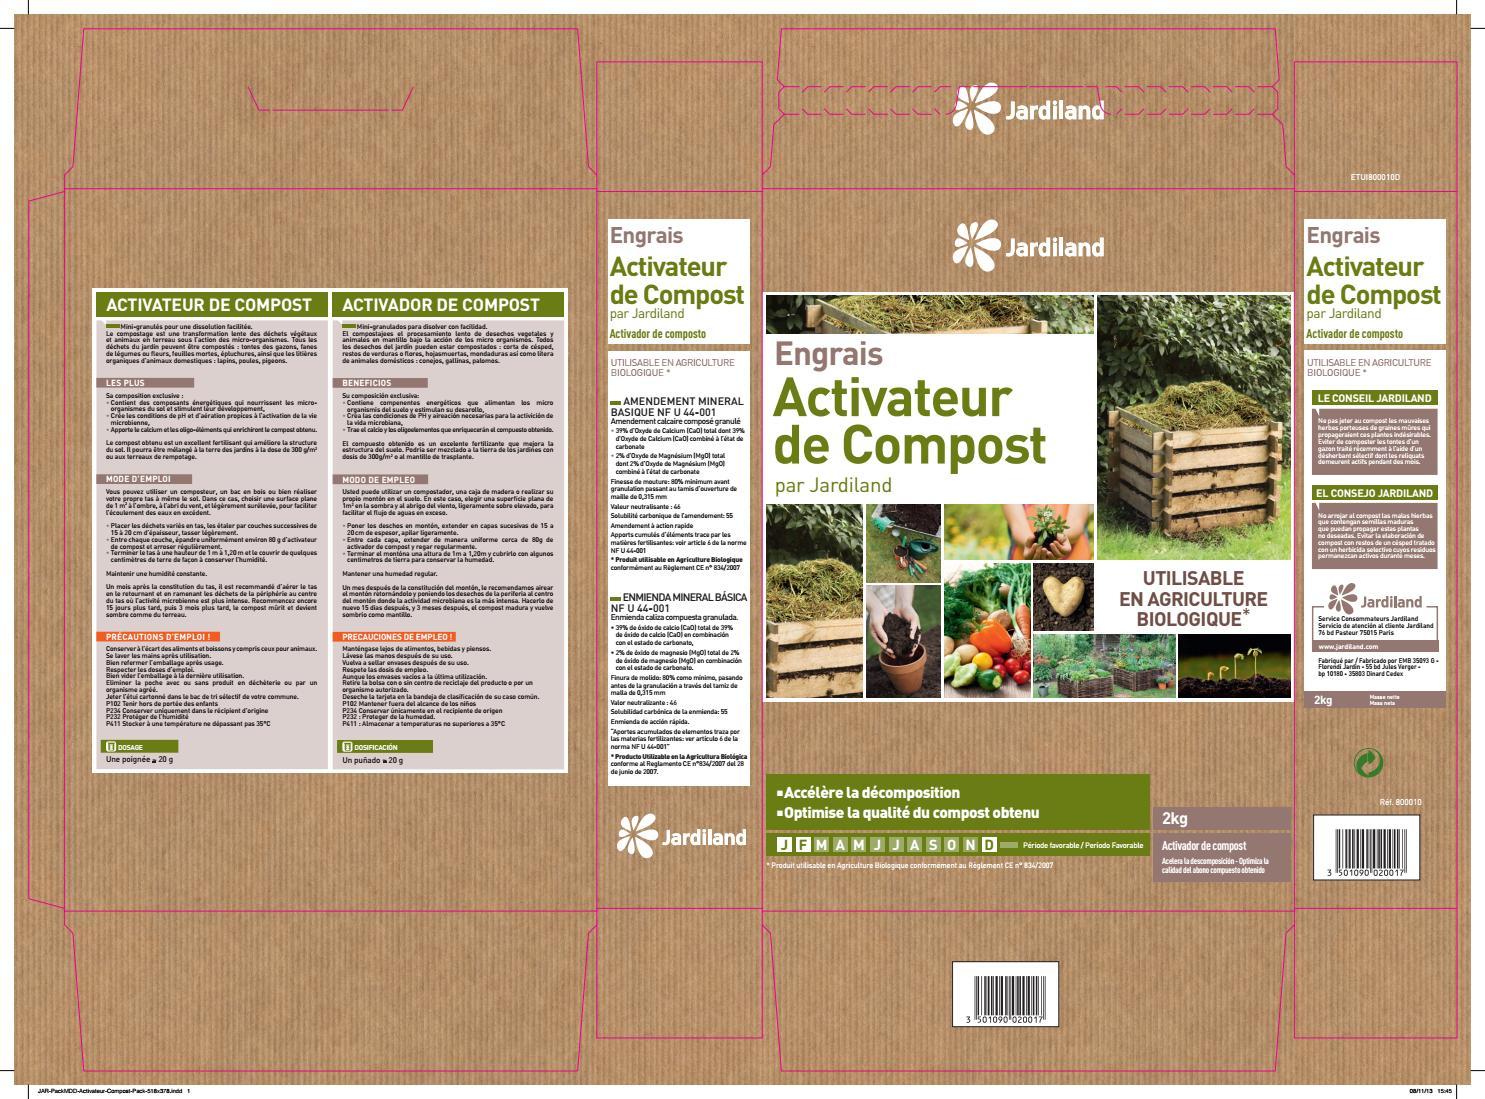 Pack Activateur Compost Jardiland By Media/blitz Conception ... pour Tamis Jardin Jardiland